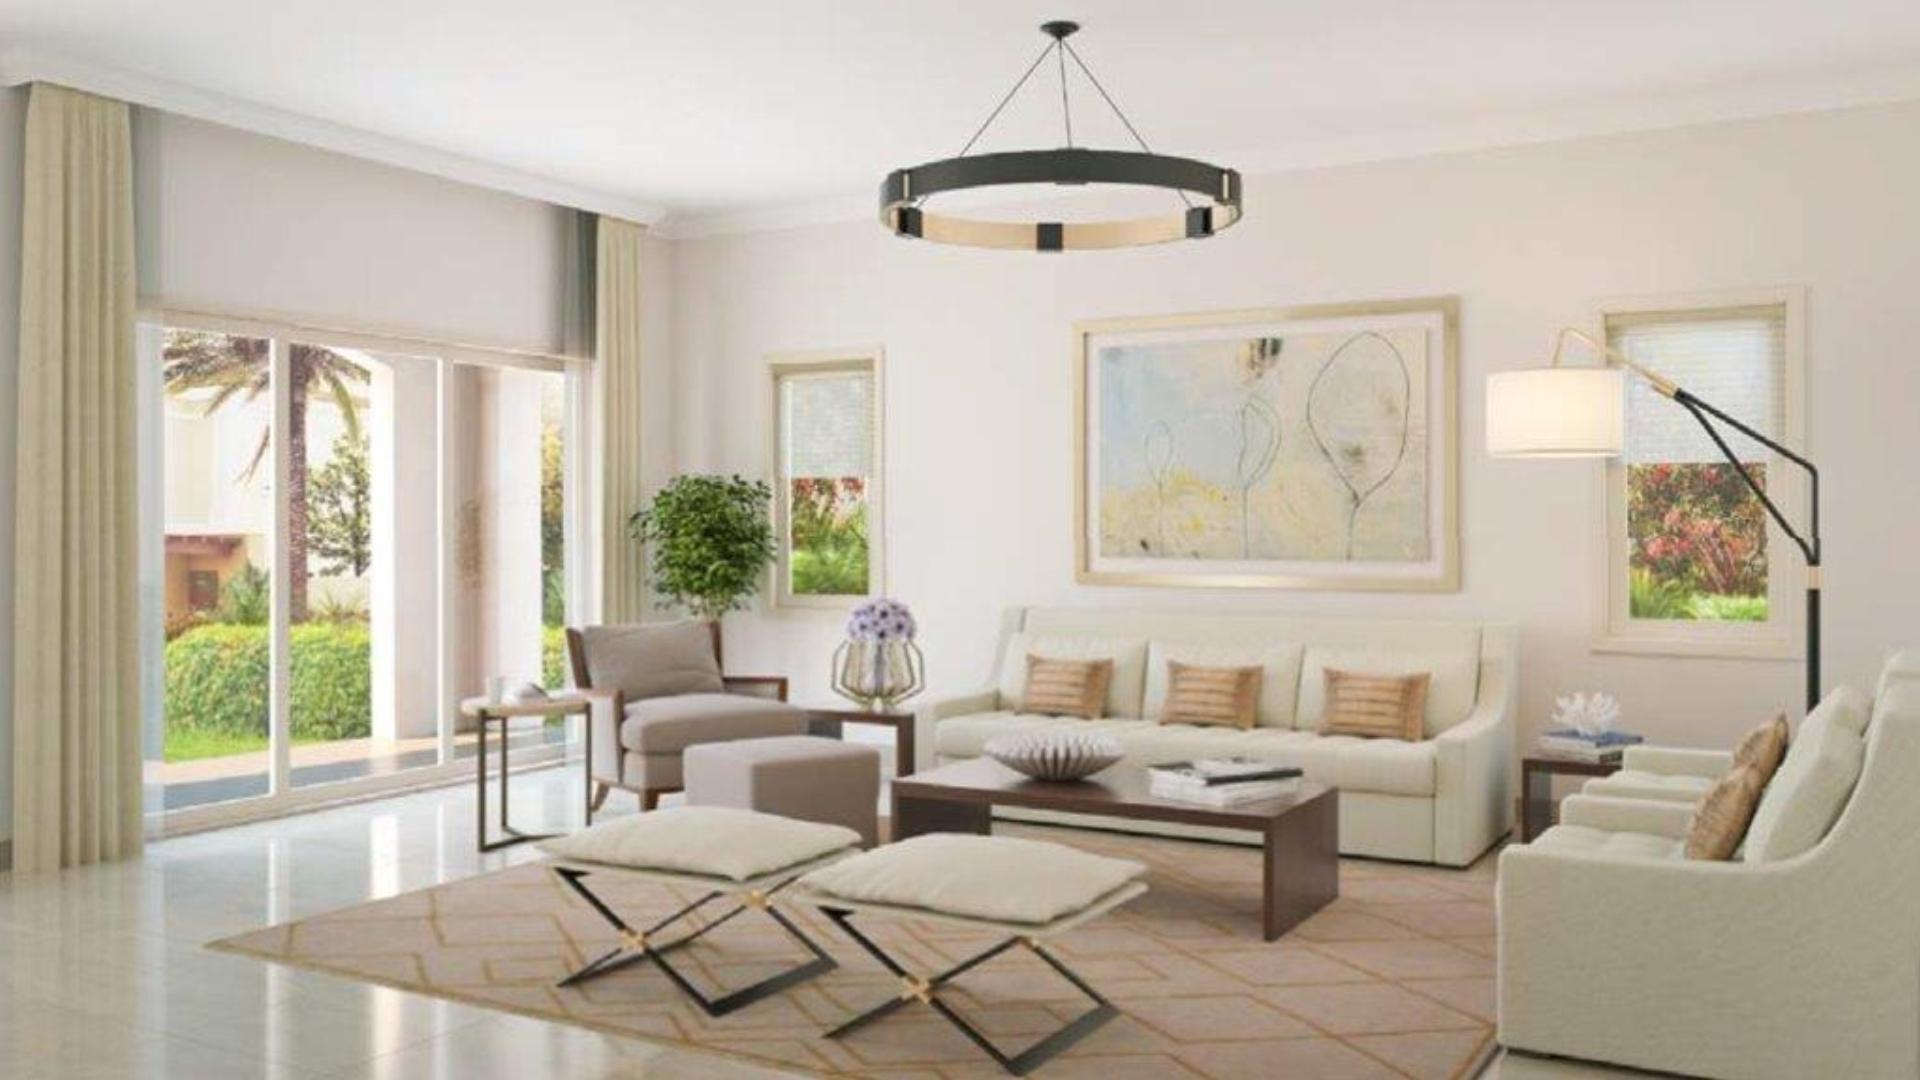 Adosado en venta en Dubai, EAU, 4 dormitorios, 271 m2, № 24307 – foto 5